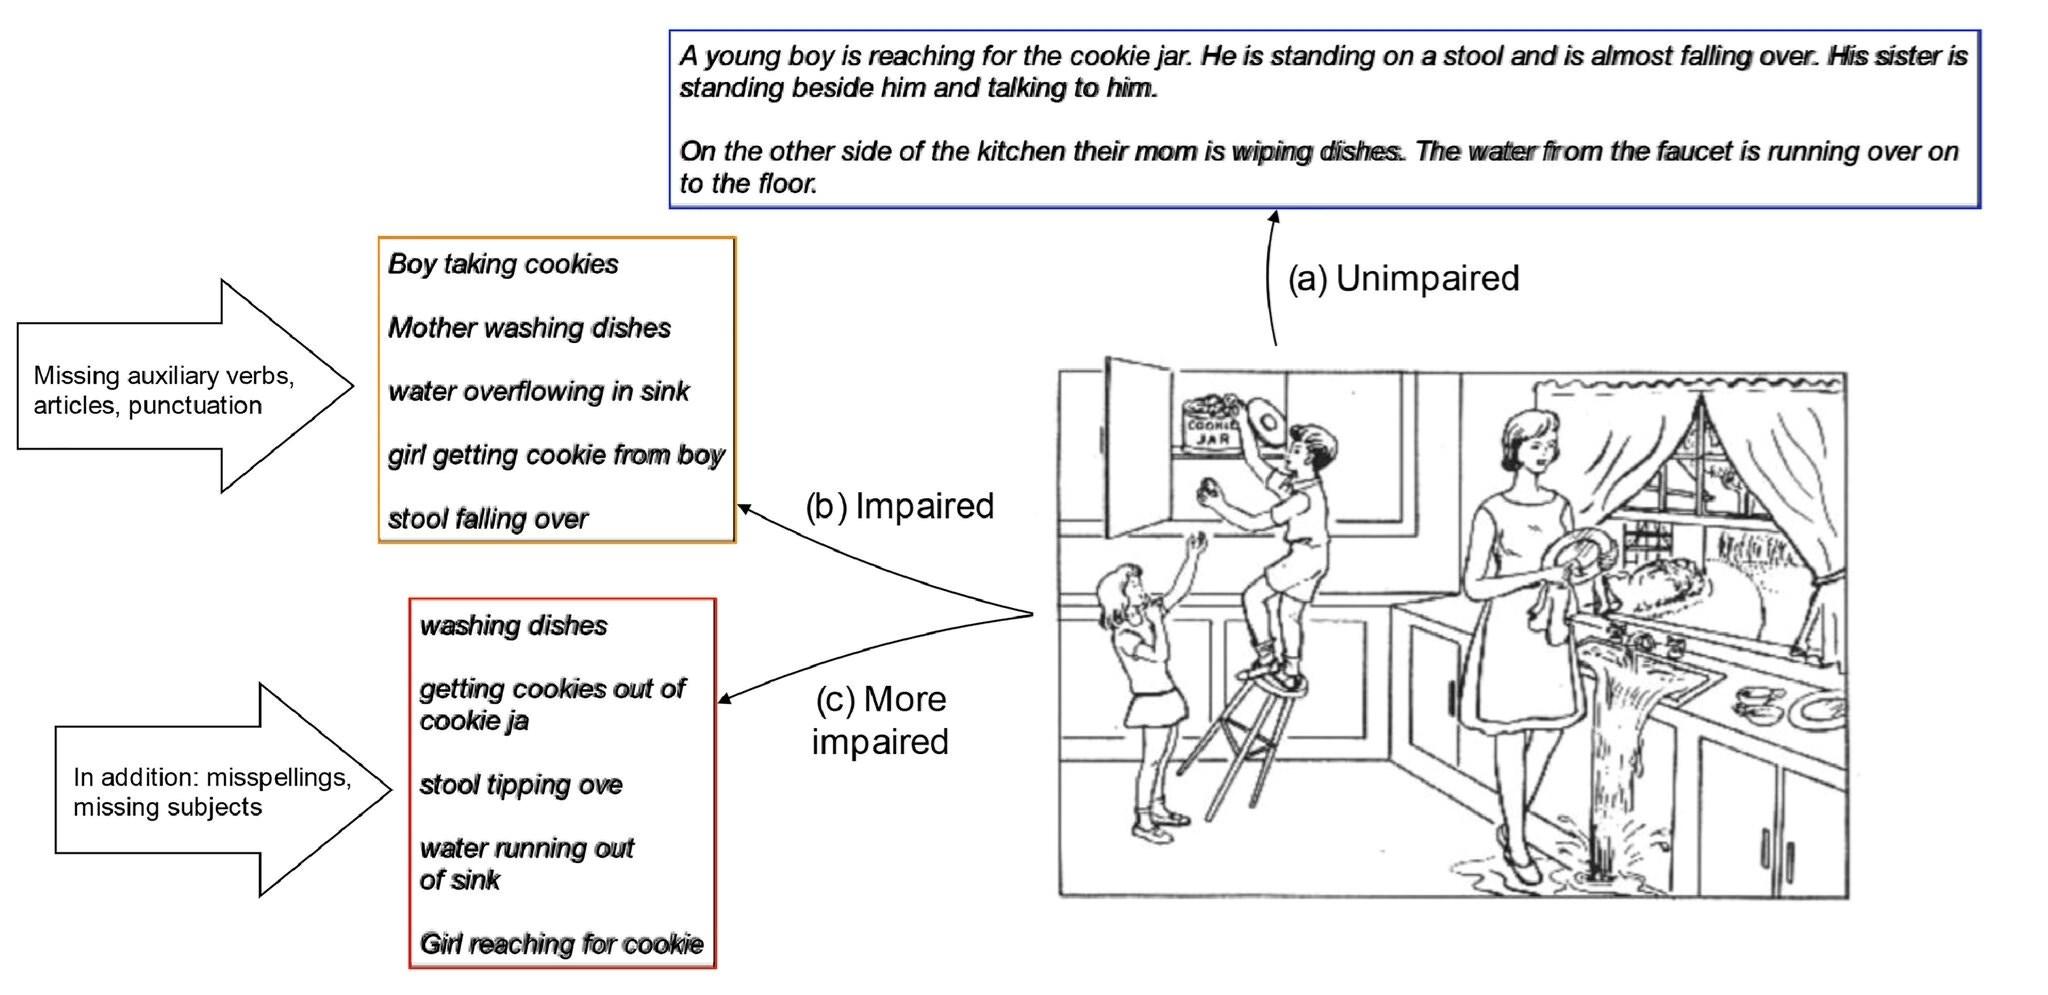 تحليل لوصف أحد الأشخاص الذين استهدفتهم الدراسة للرسمة